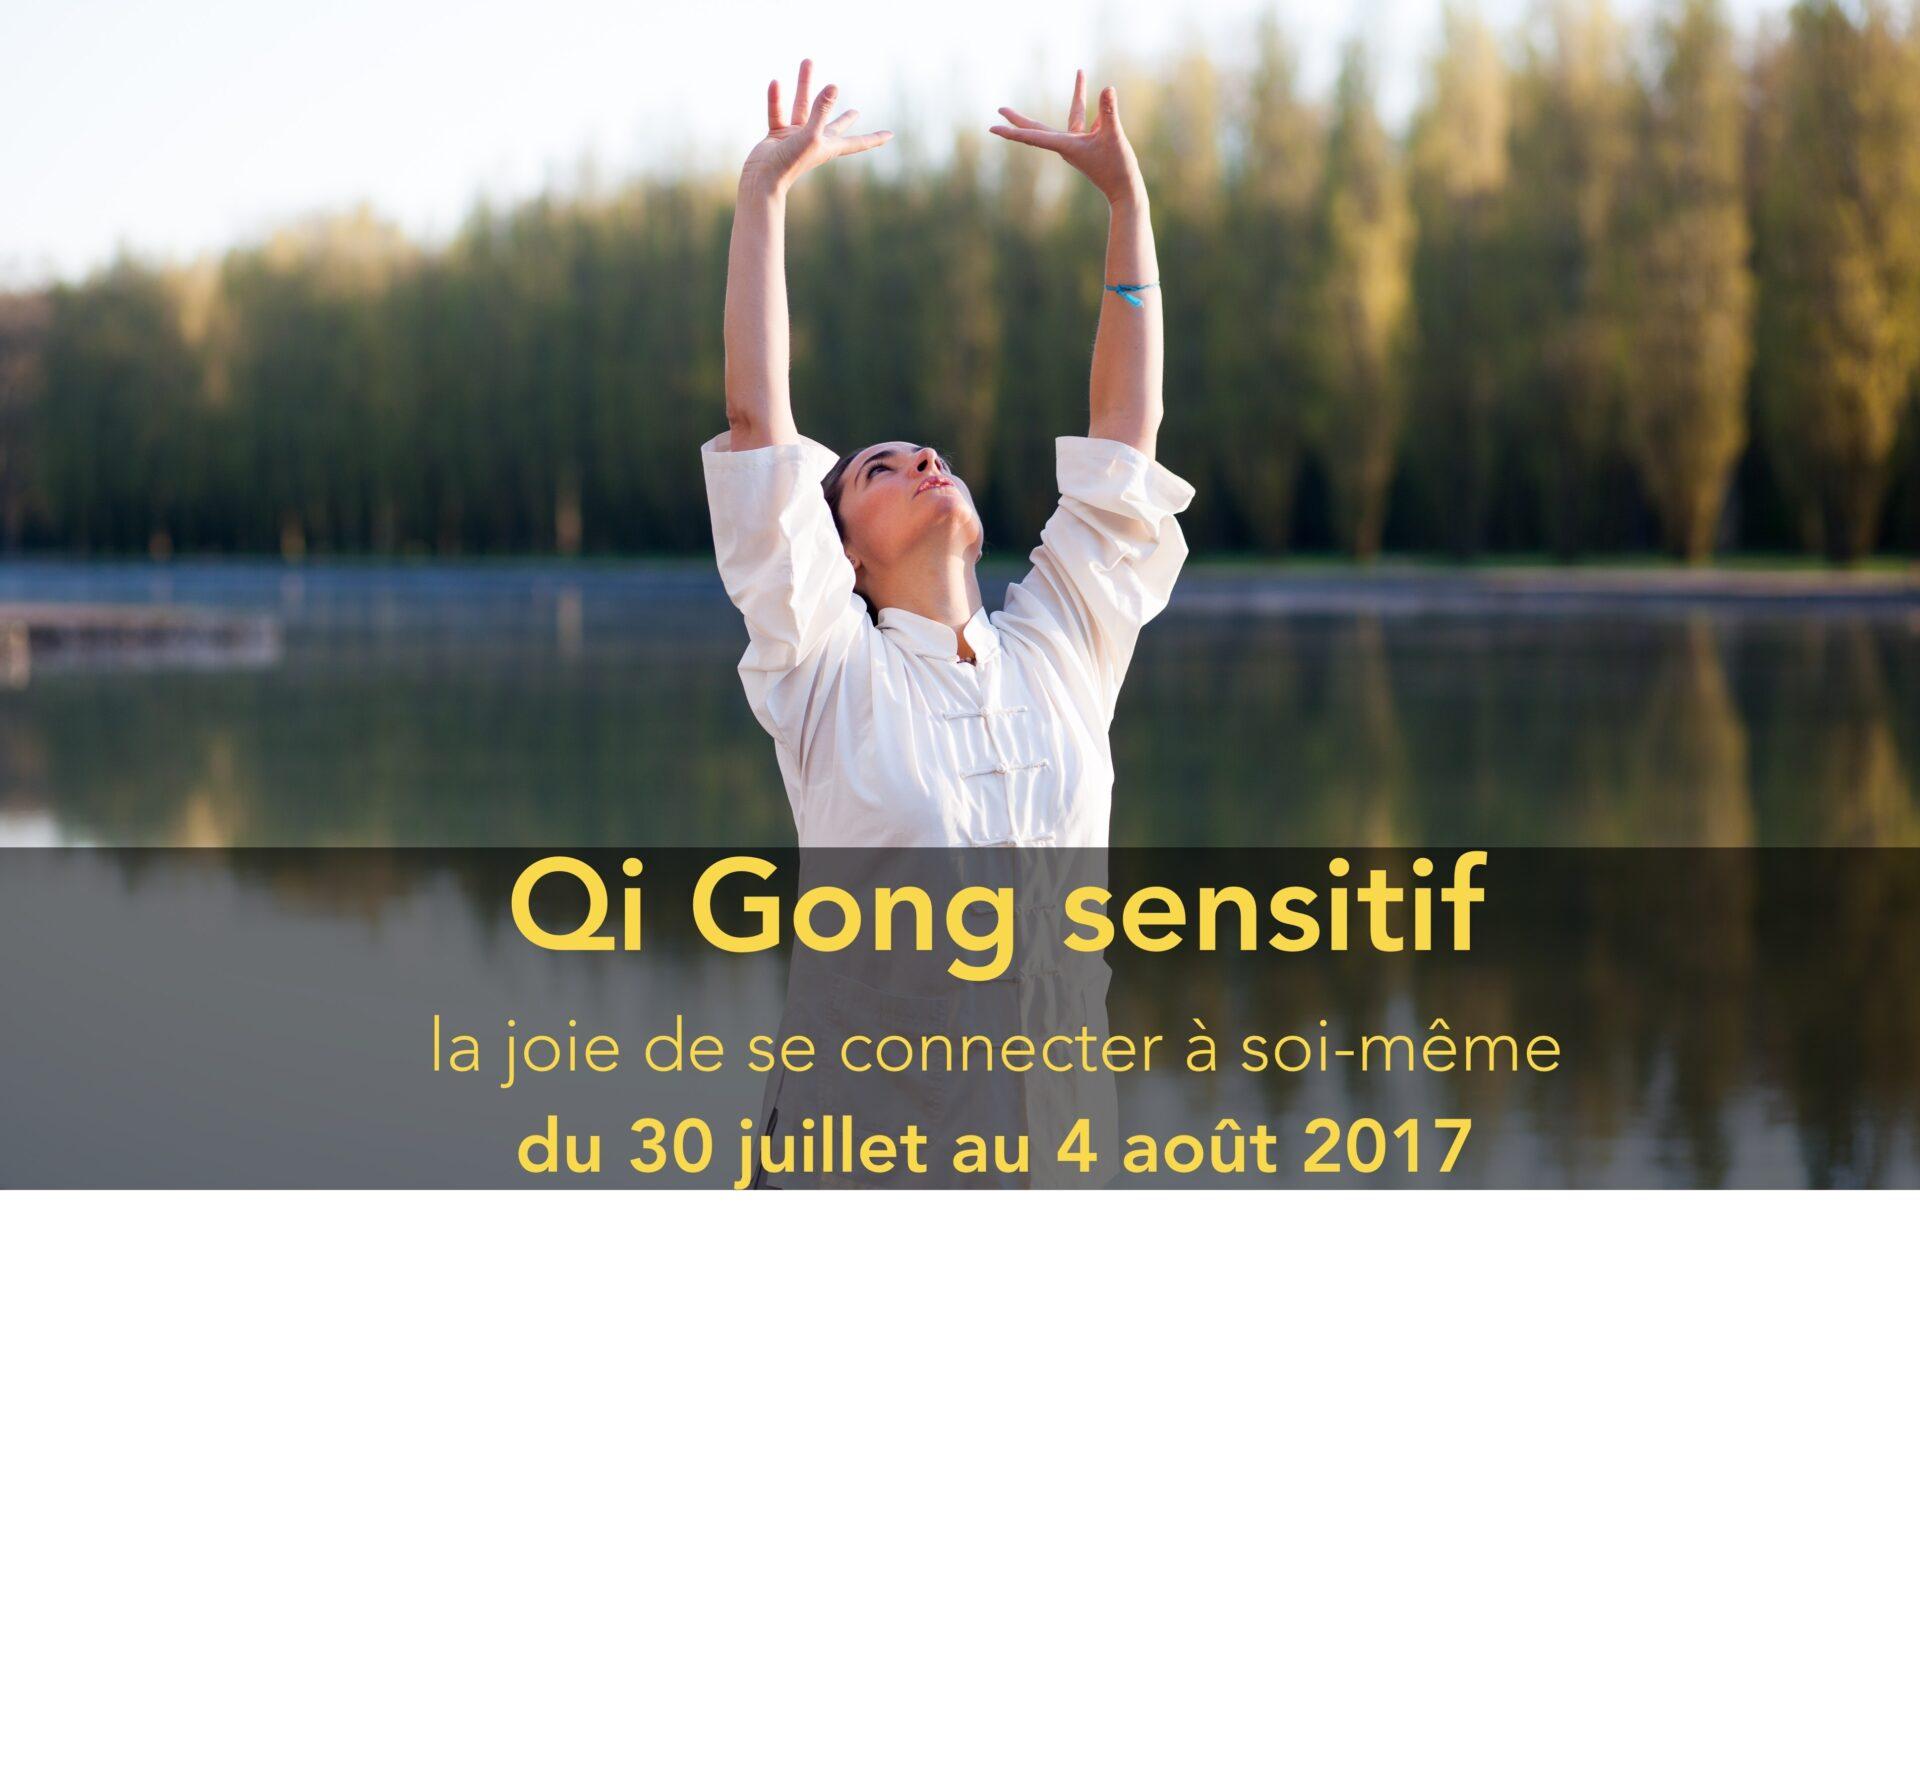 Qi Gong du 30 juillet au 4 août www.avec-soi.com